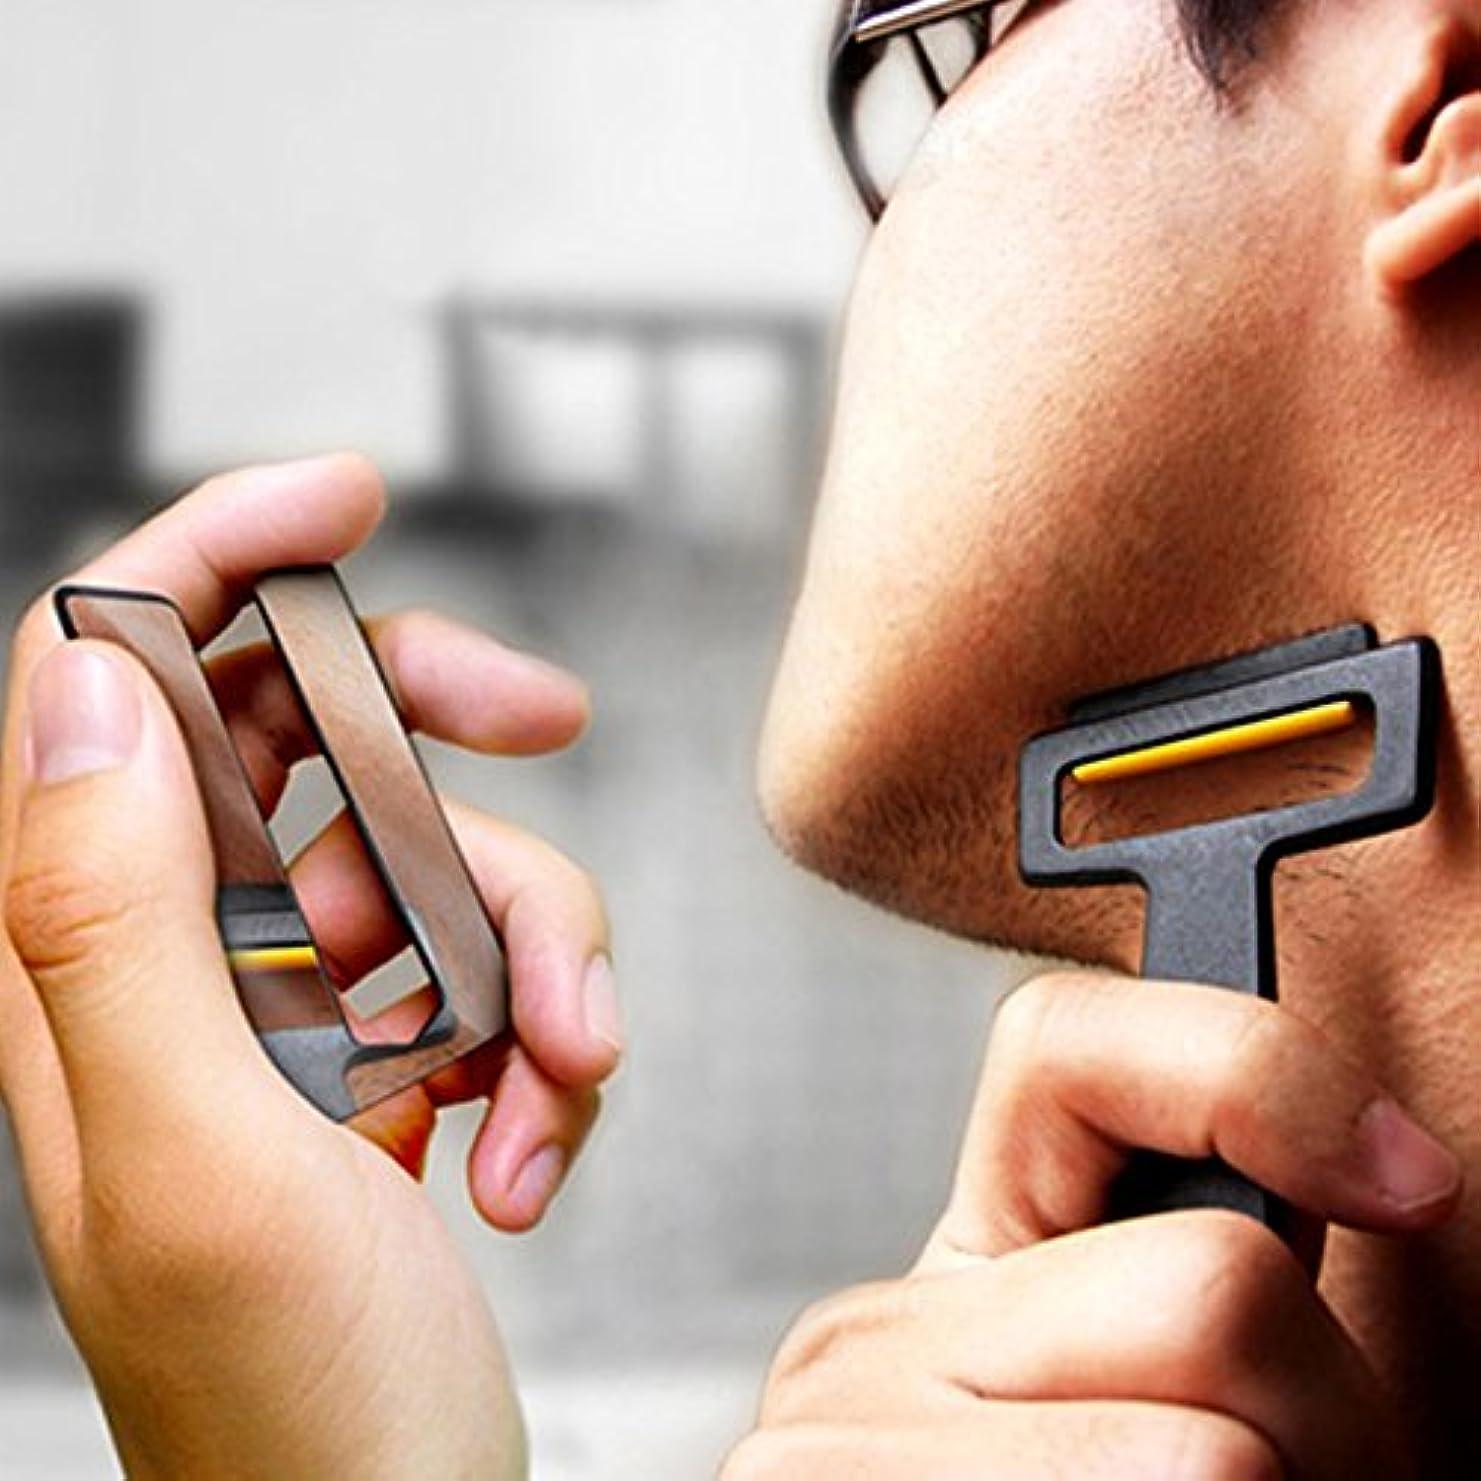 パリティメイン誕生日Pogass Carzor 3 In 1 Card設計された財布ミニかみそりビードポータブルひげ剃りミラースタンドキット